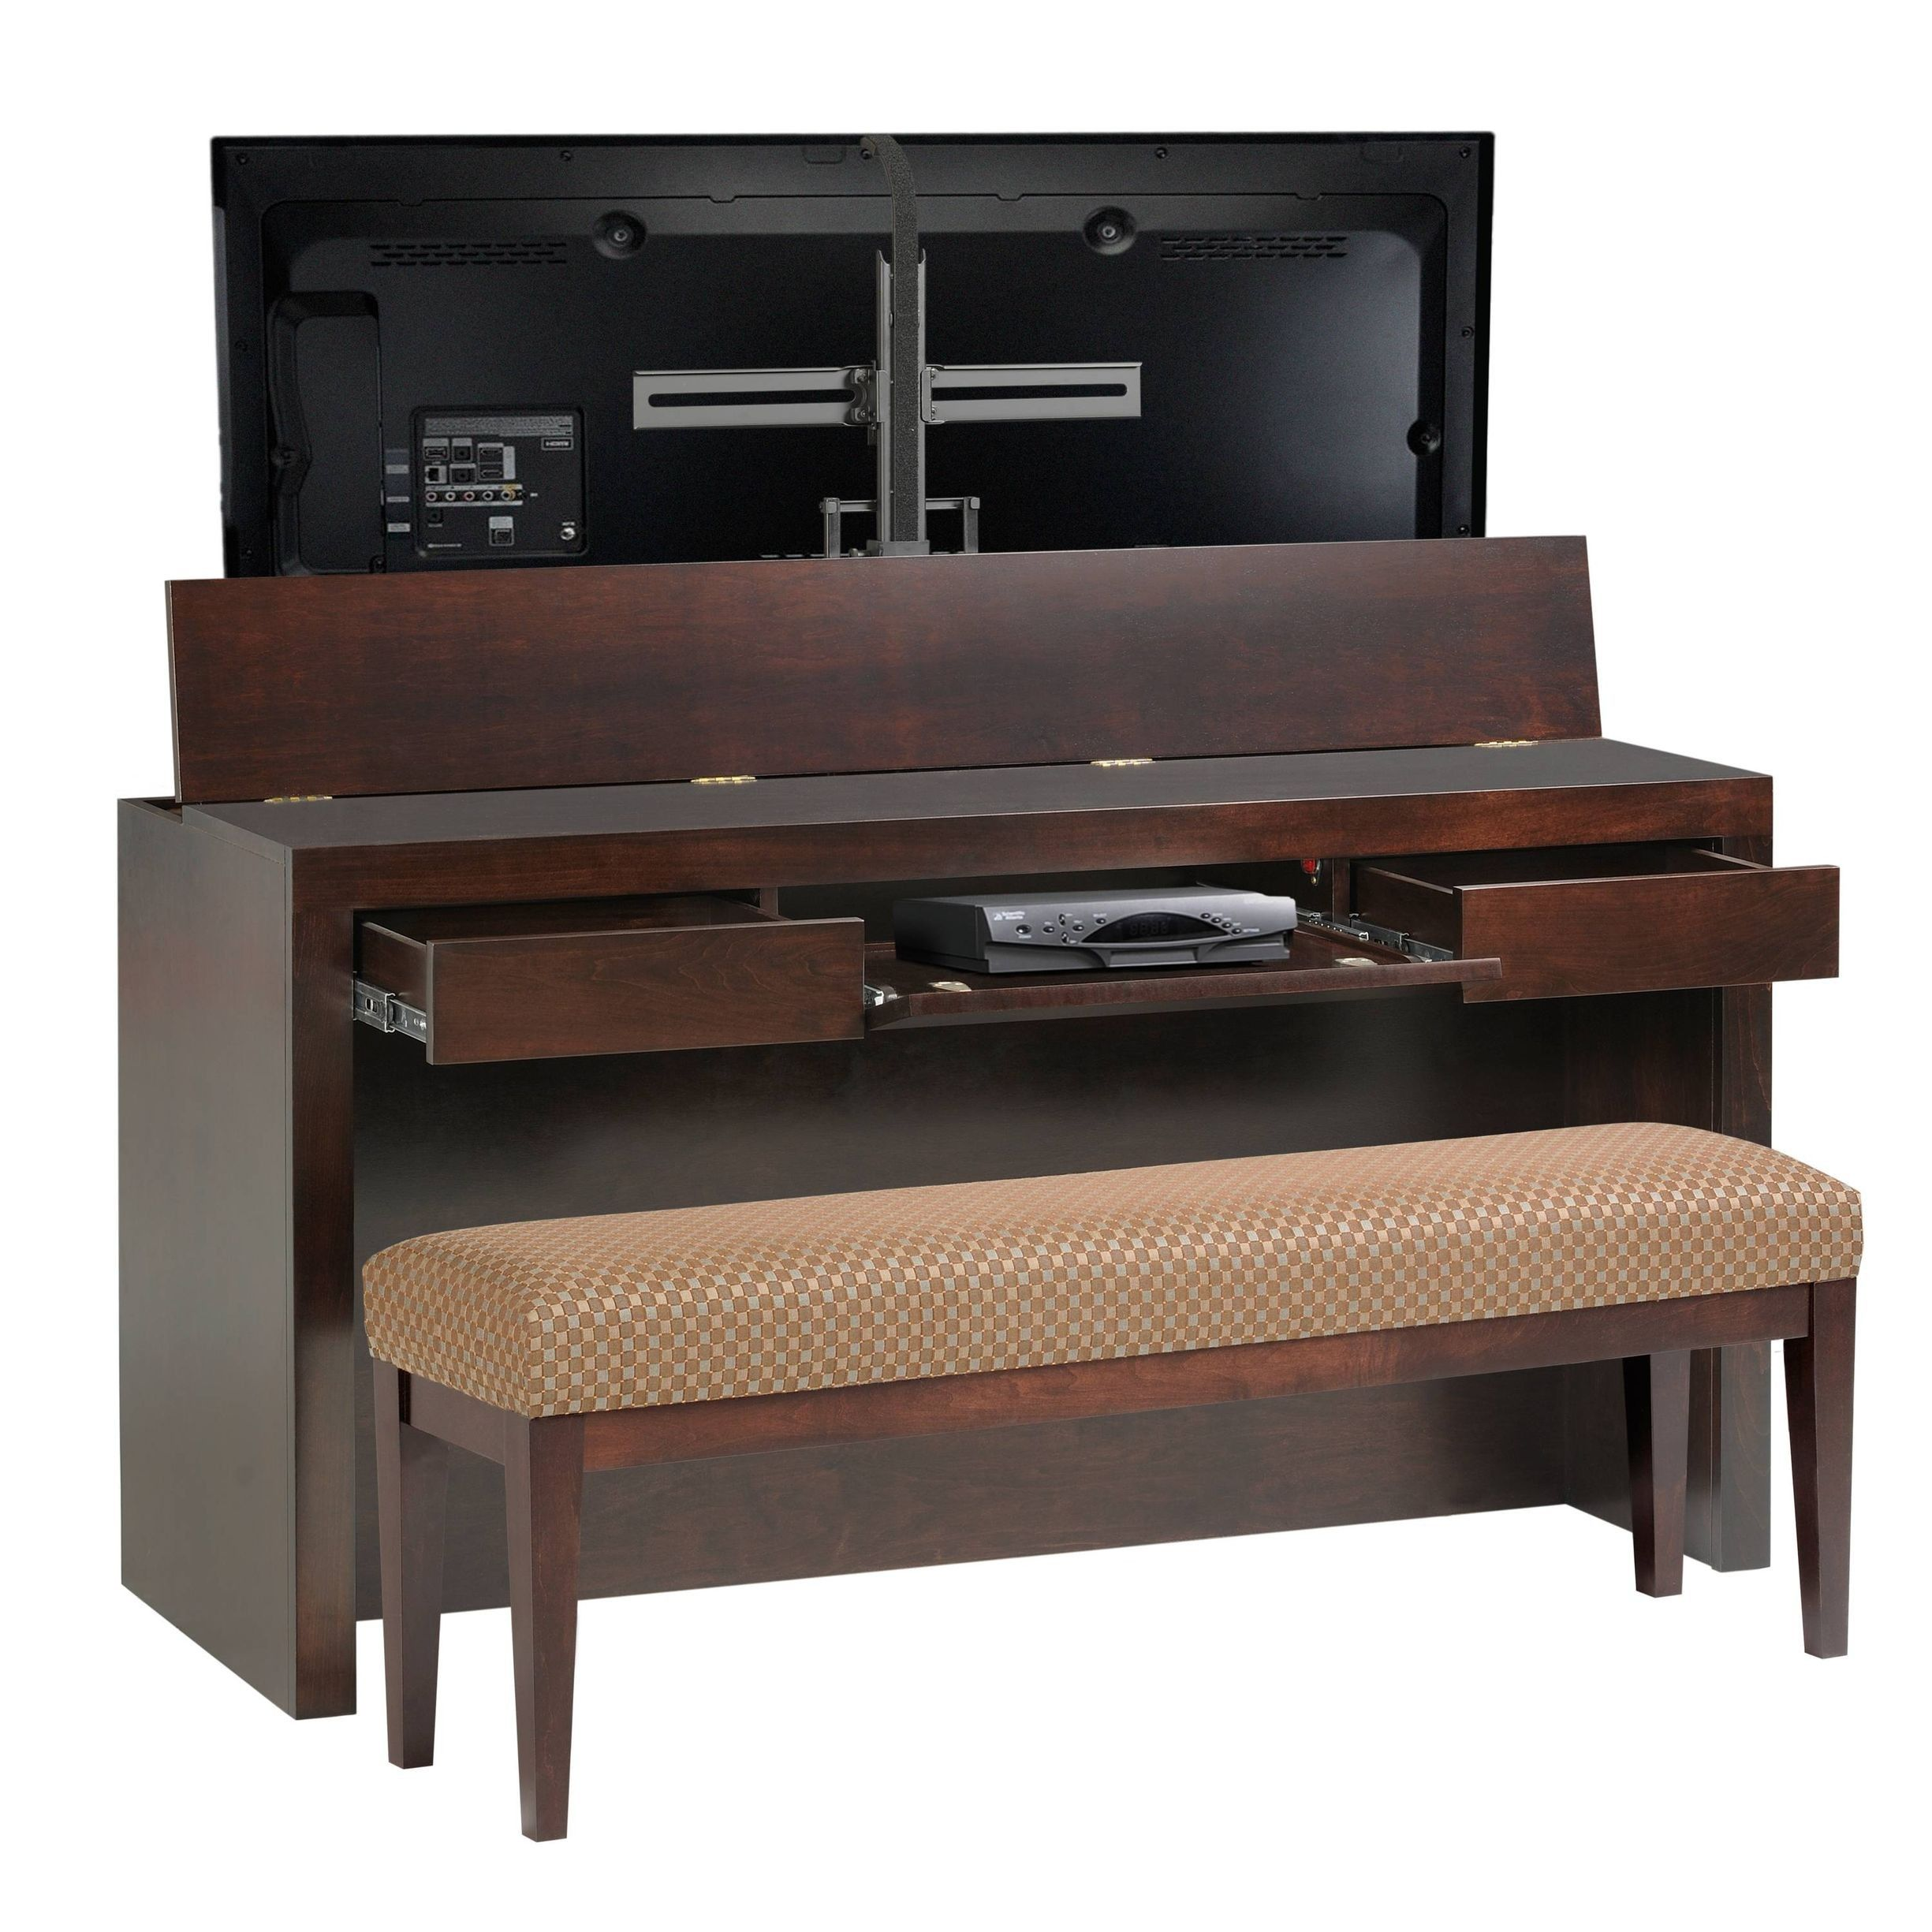 Amazing Queen King Footboard Desk Lift W Bench Tv Lift Cabinet In Inzonedesignstudio Interior Chair Design Inzonedesignstudiocom